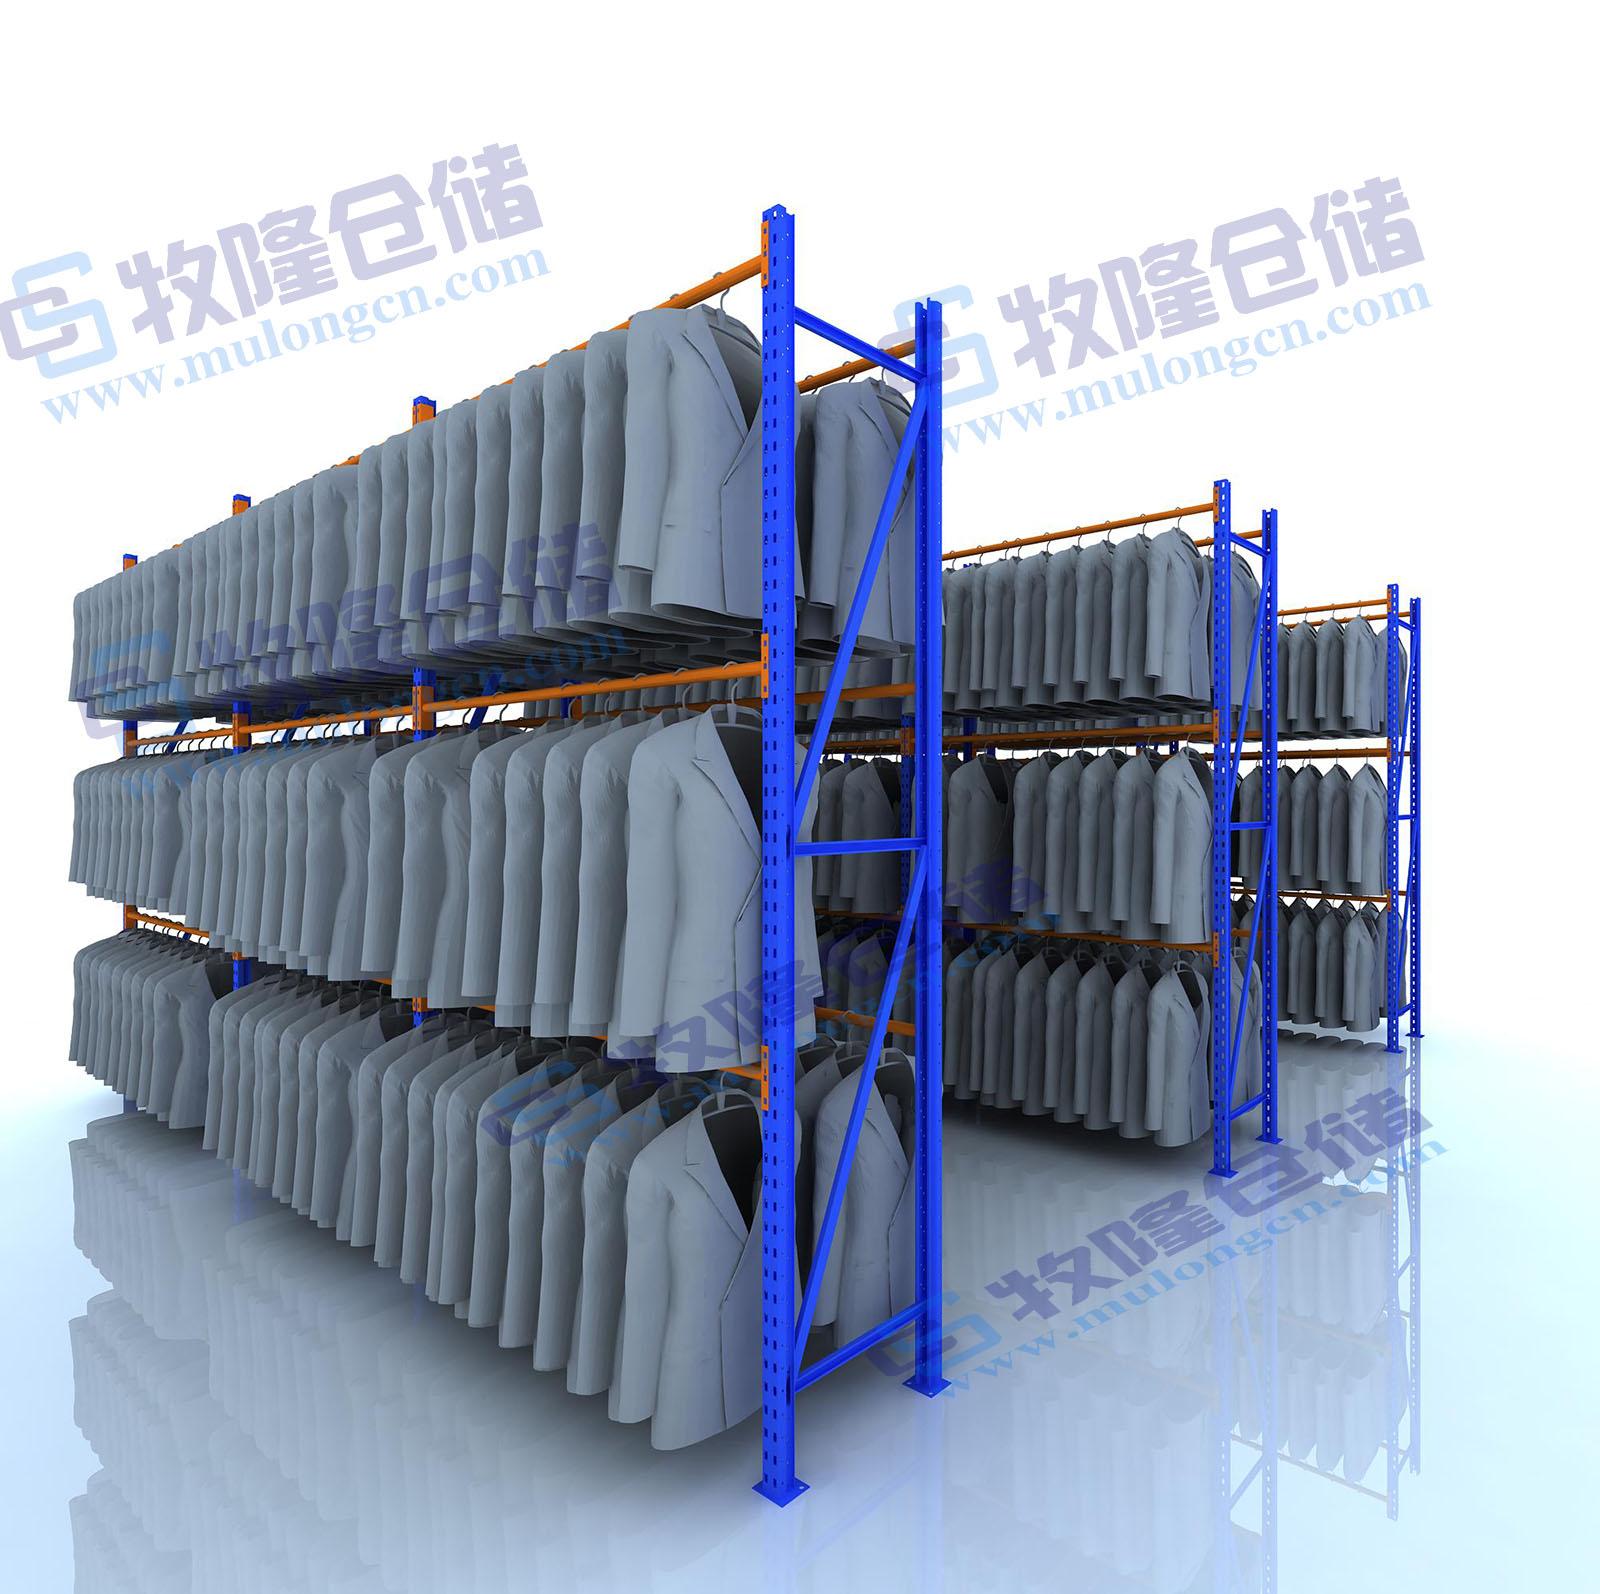 重型仓储货架摆放,深圳重型仓库货架图片